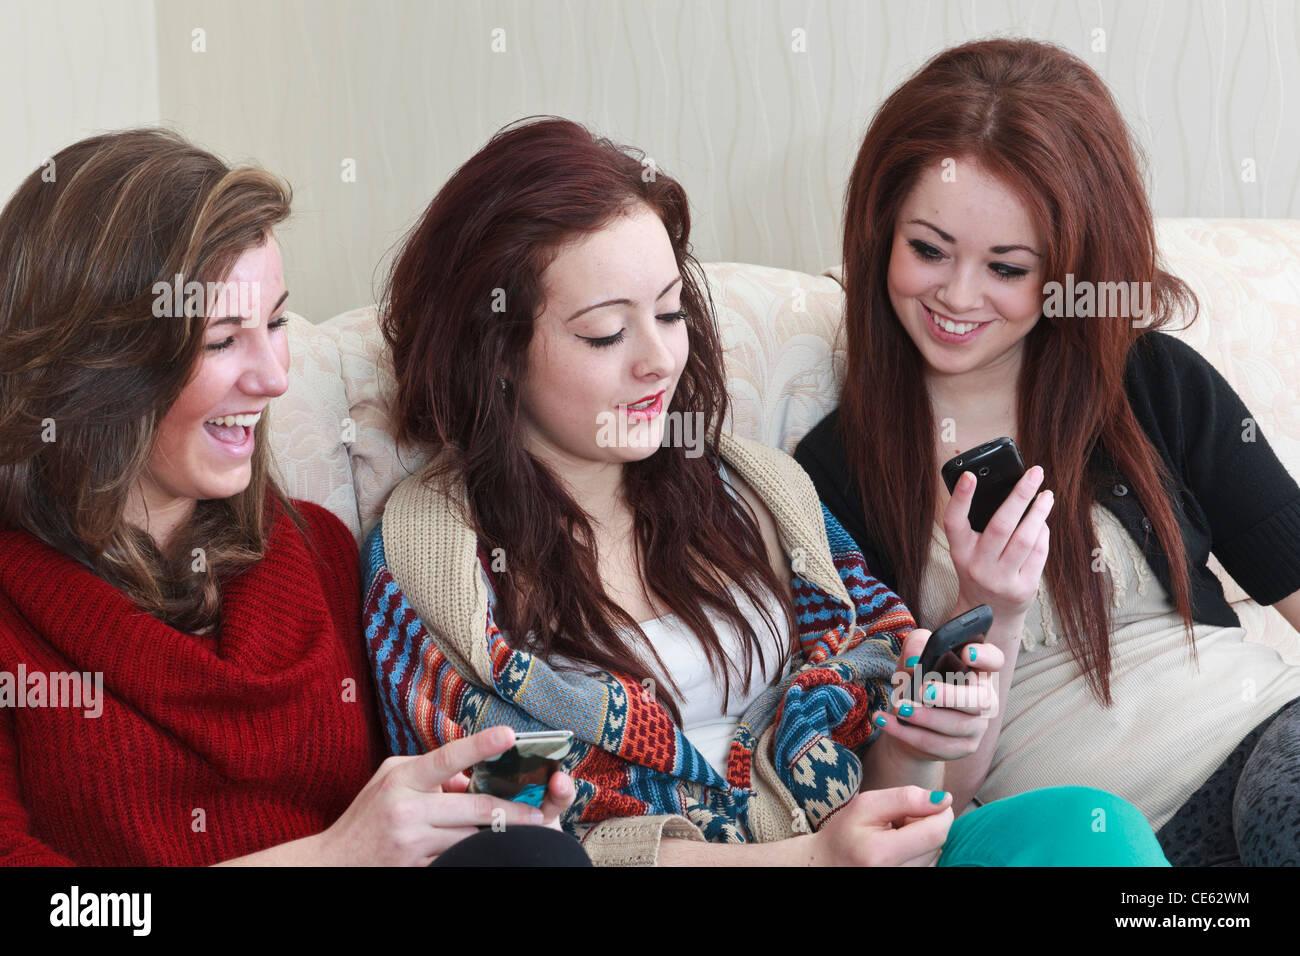 La génération z trois amis adolescente âgée de 15 ans ayant un rire regarder des photos sur Photo Stock